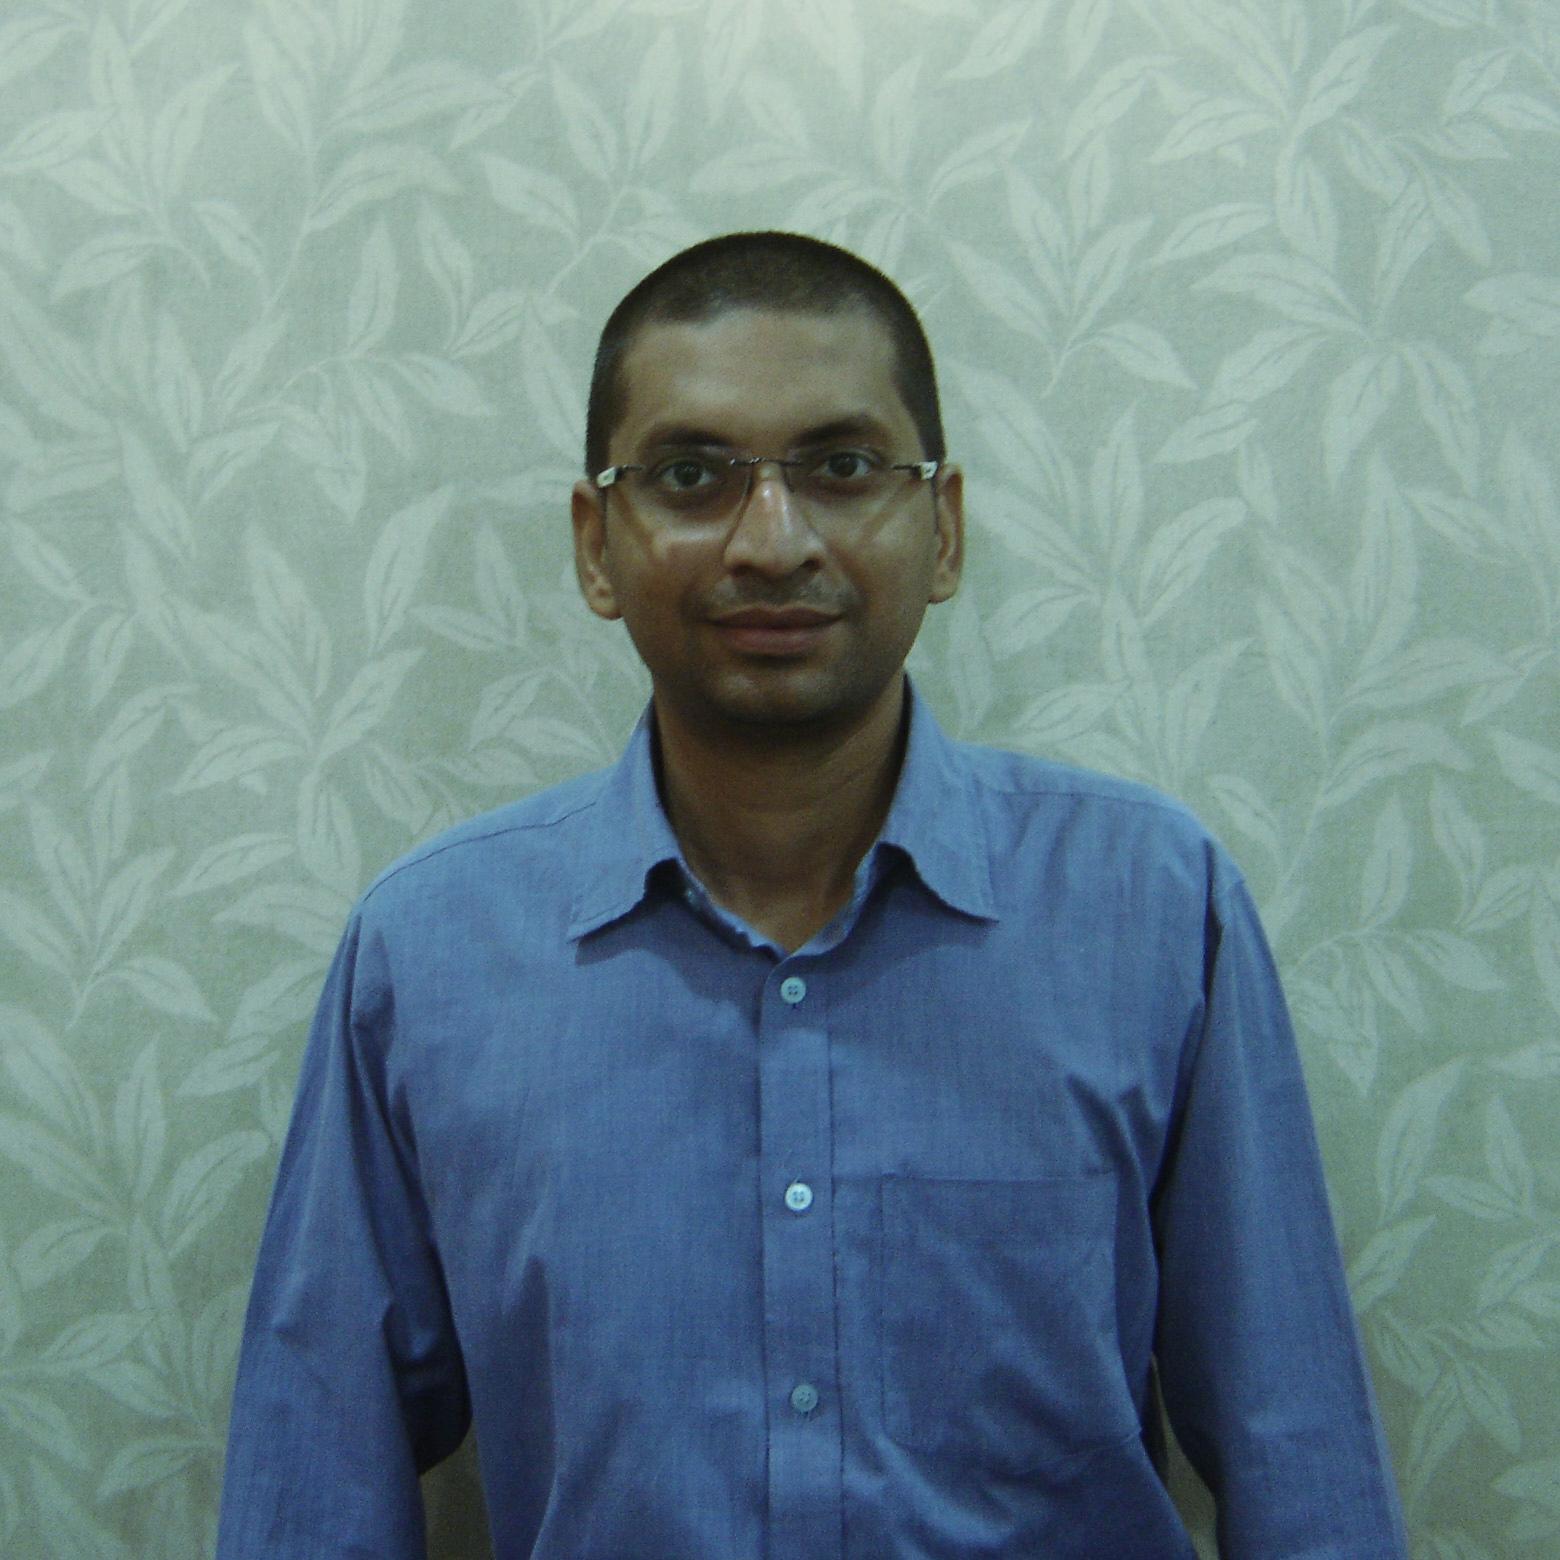 Mr. Aniket Patel